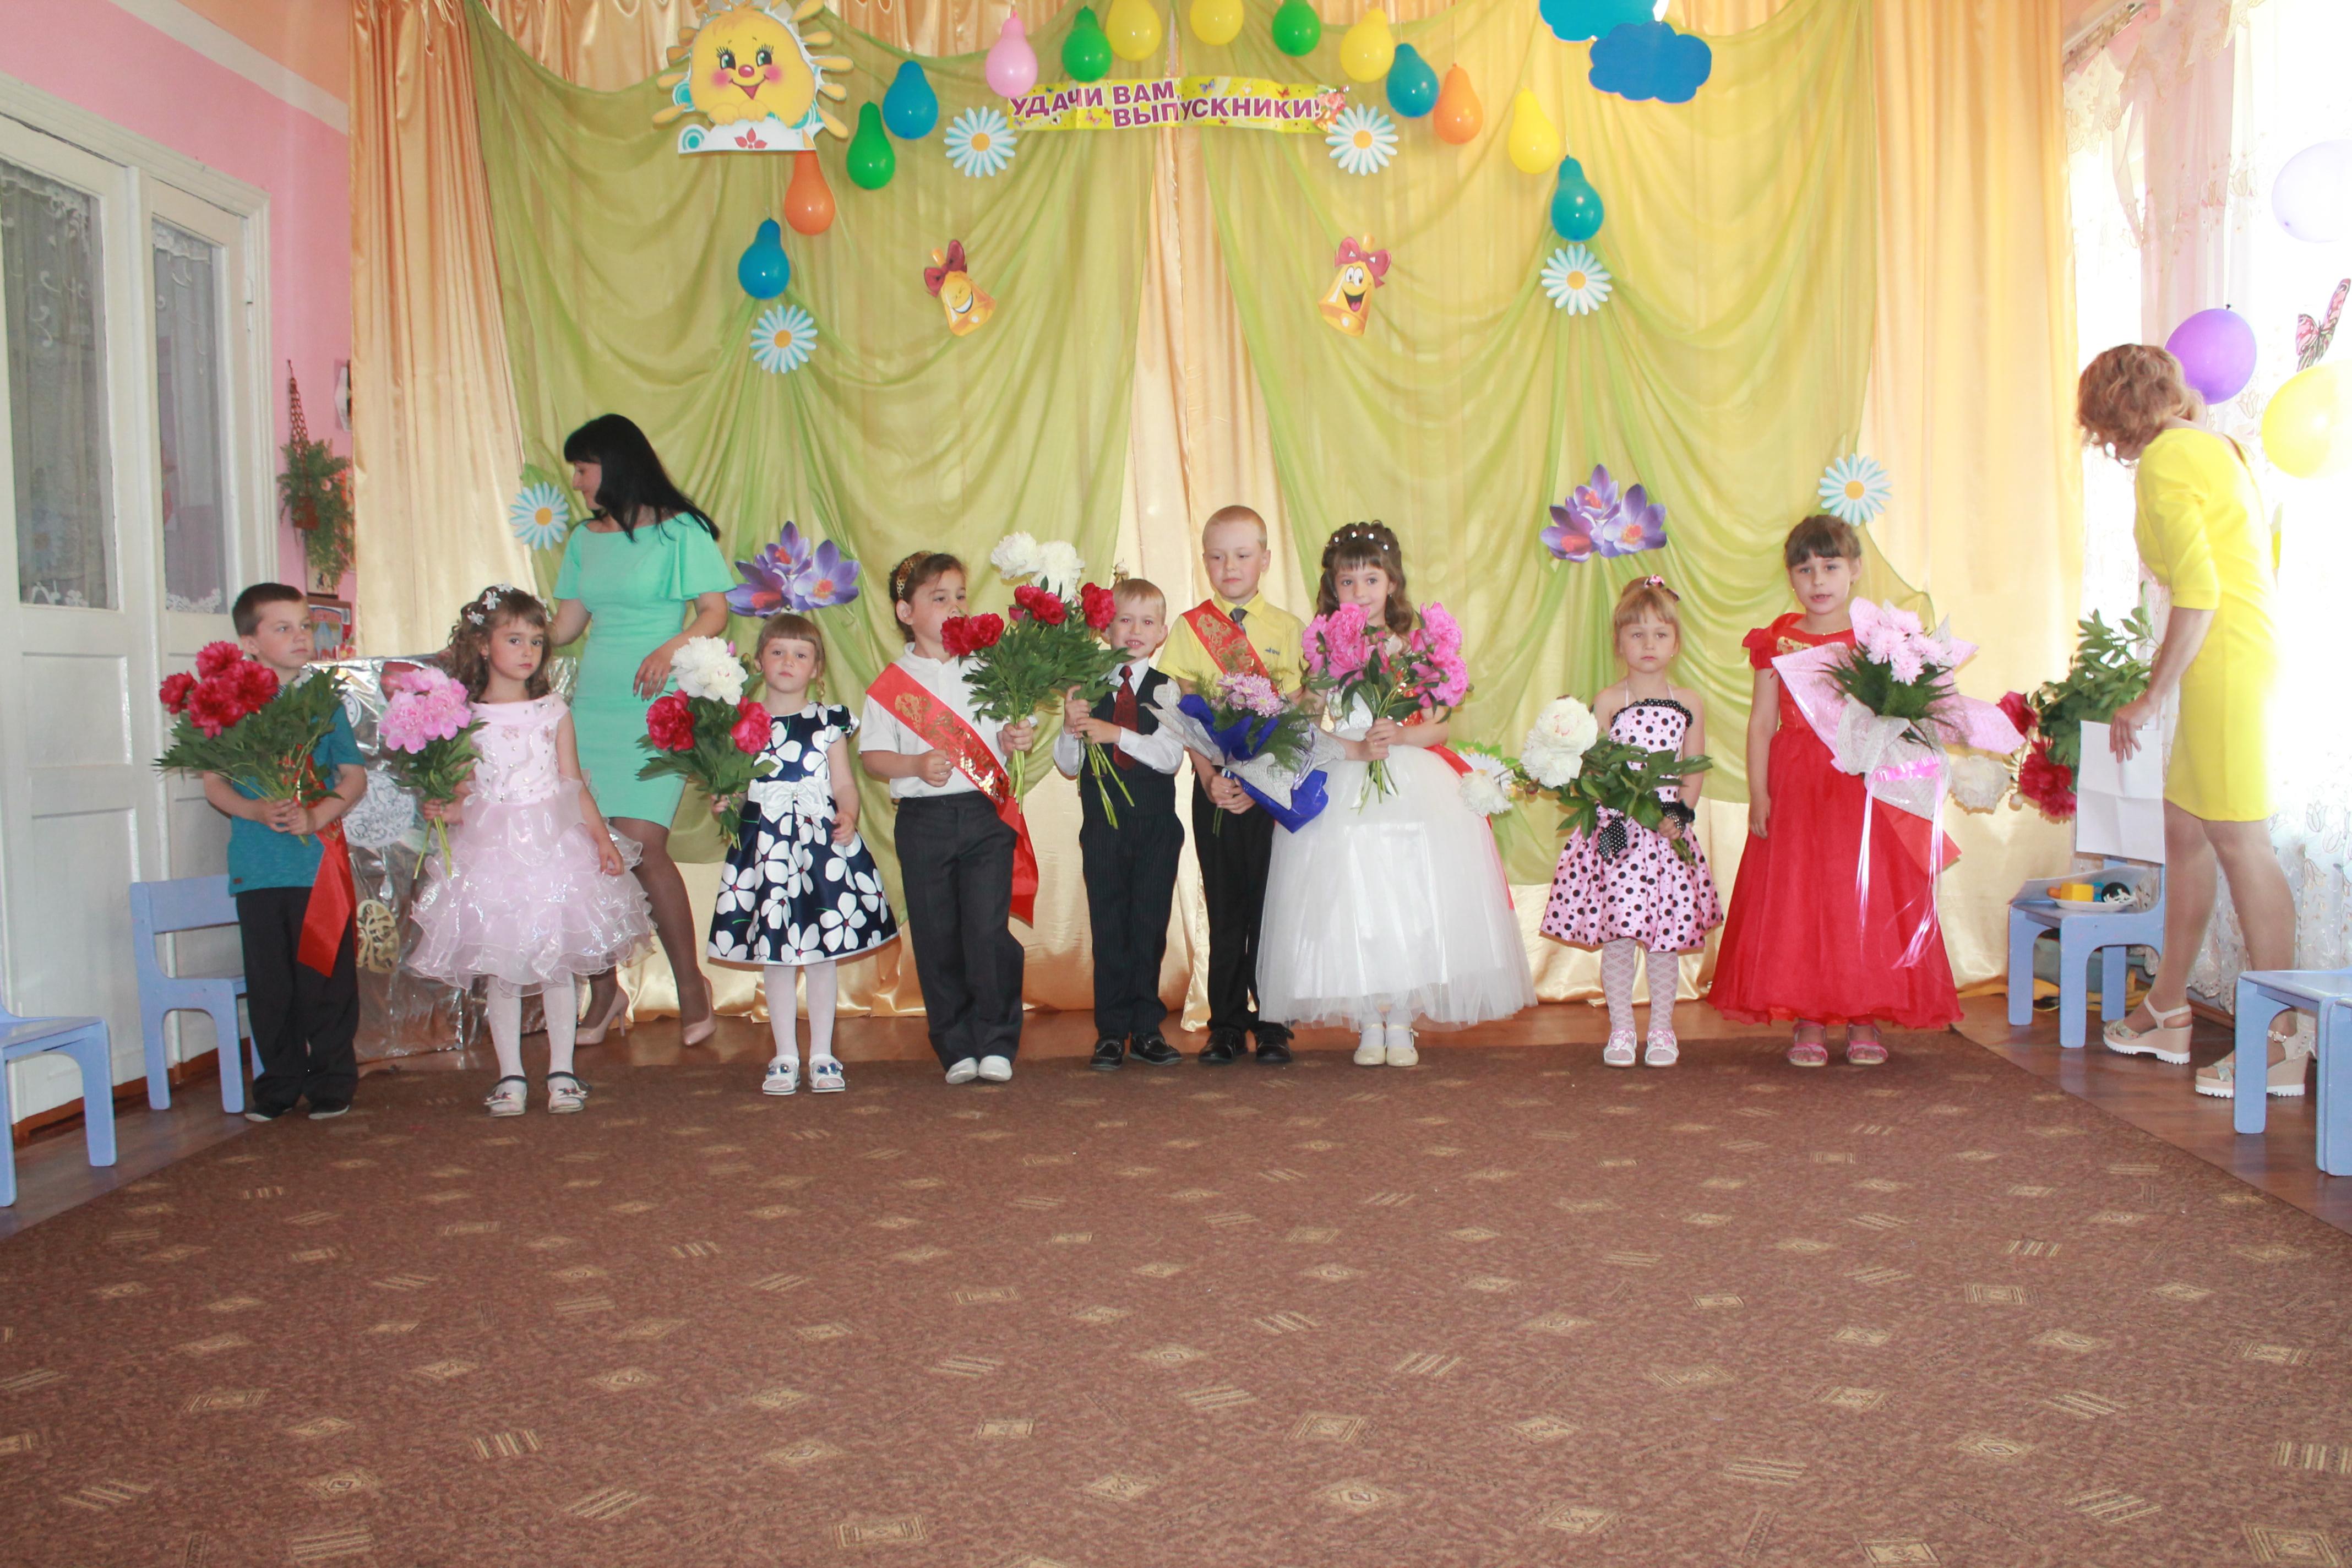 Поздравление с выпускным в детском саду фото